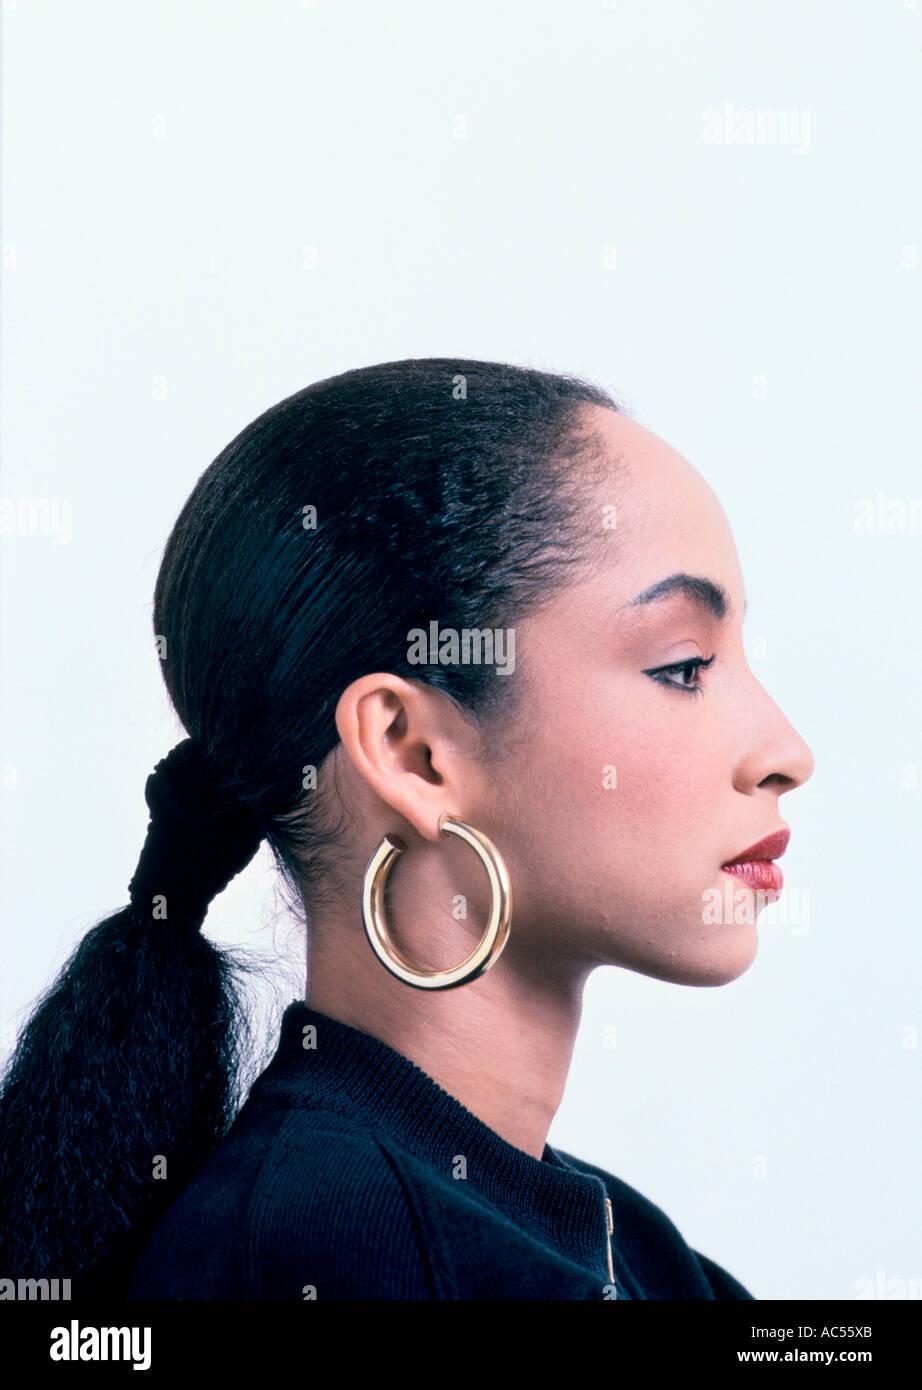 SADE BRITISH POP SINGER 1986 - Stock Image